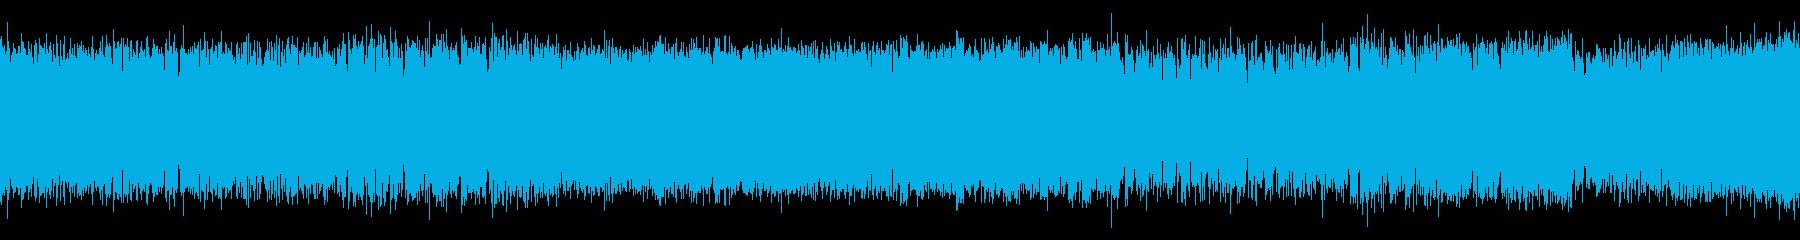 ハードロックのループです。優しいシンセ…の再生済みの波形